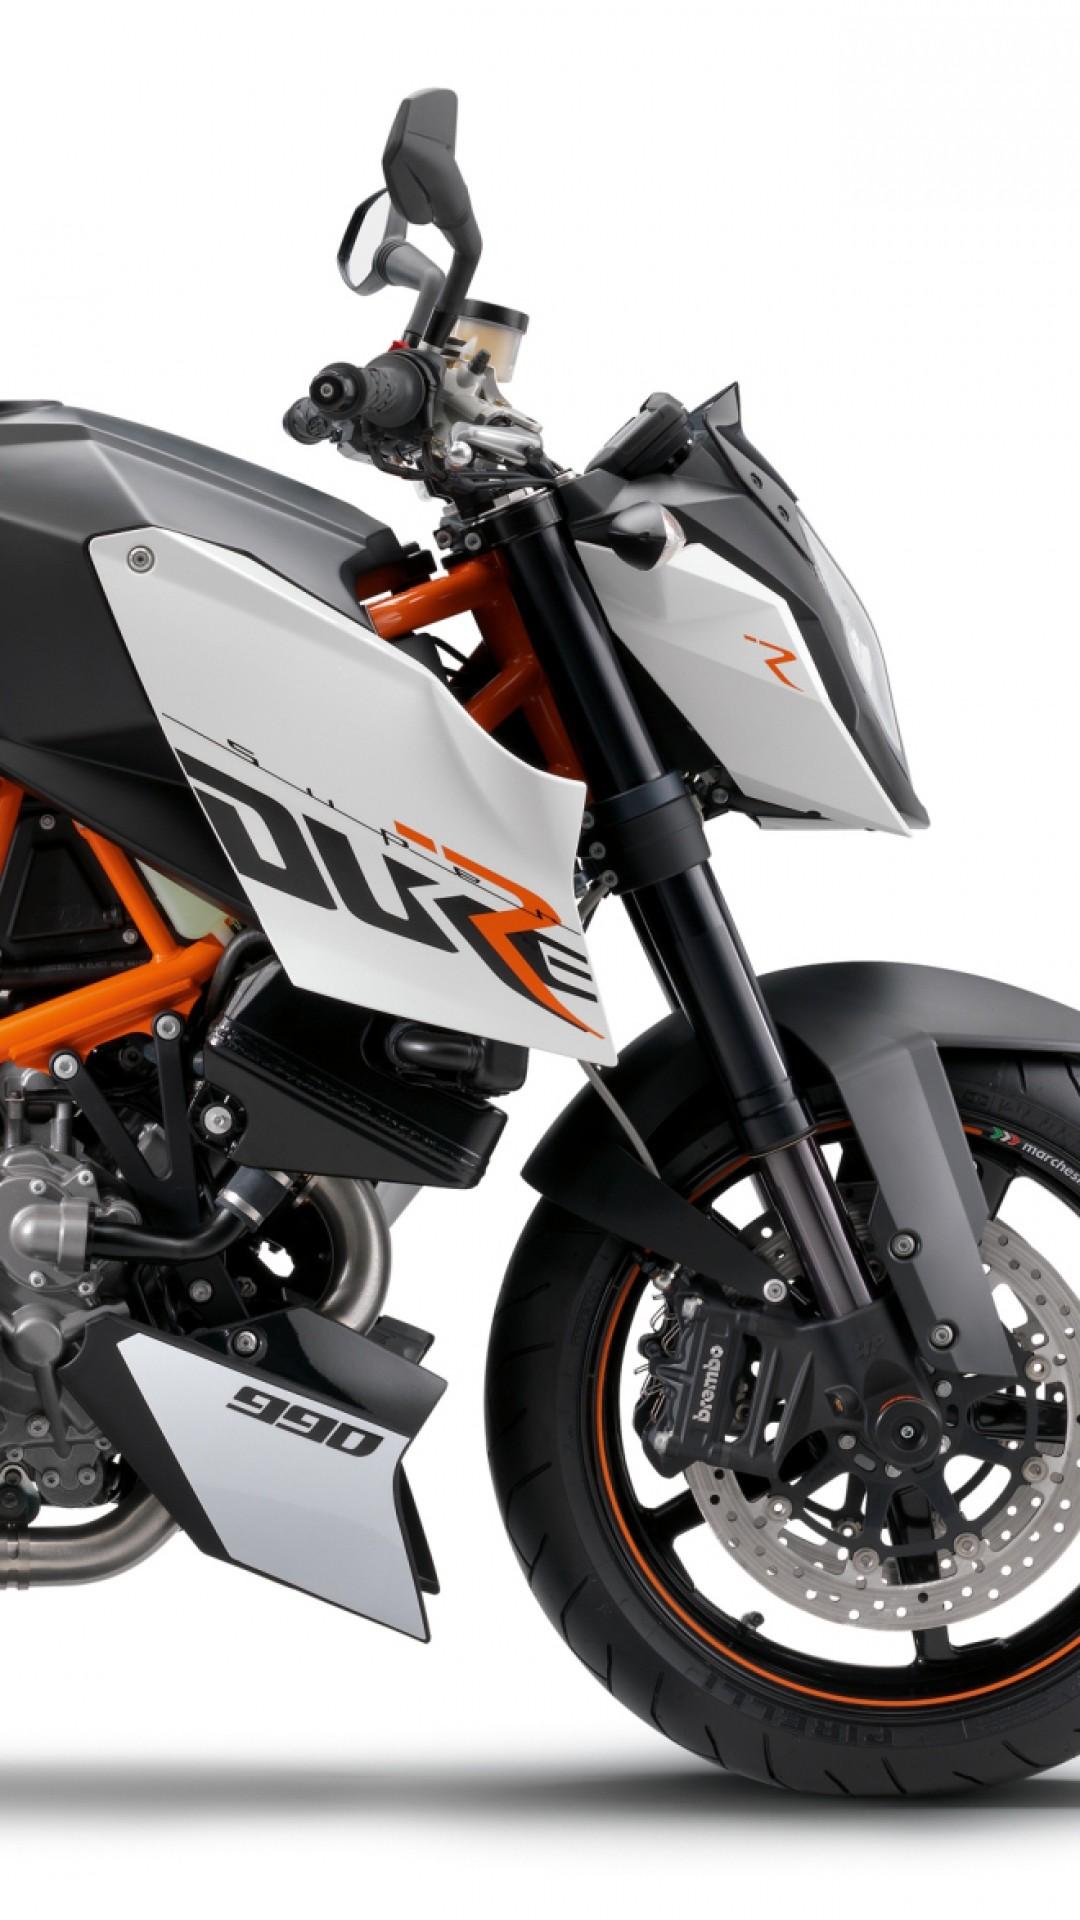 Preview wallpaper ktm 990 super duke r 2013, naked bike, ktm super duke 990